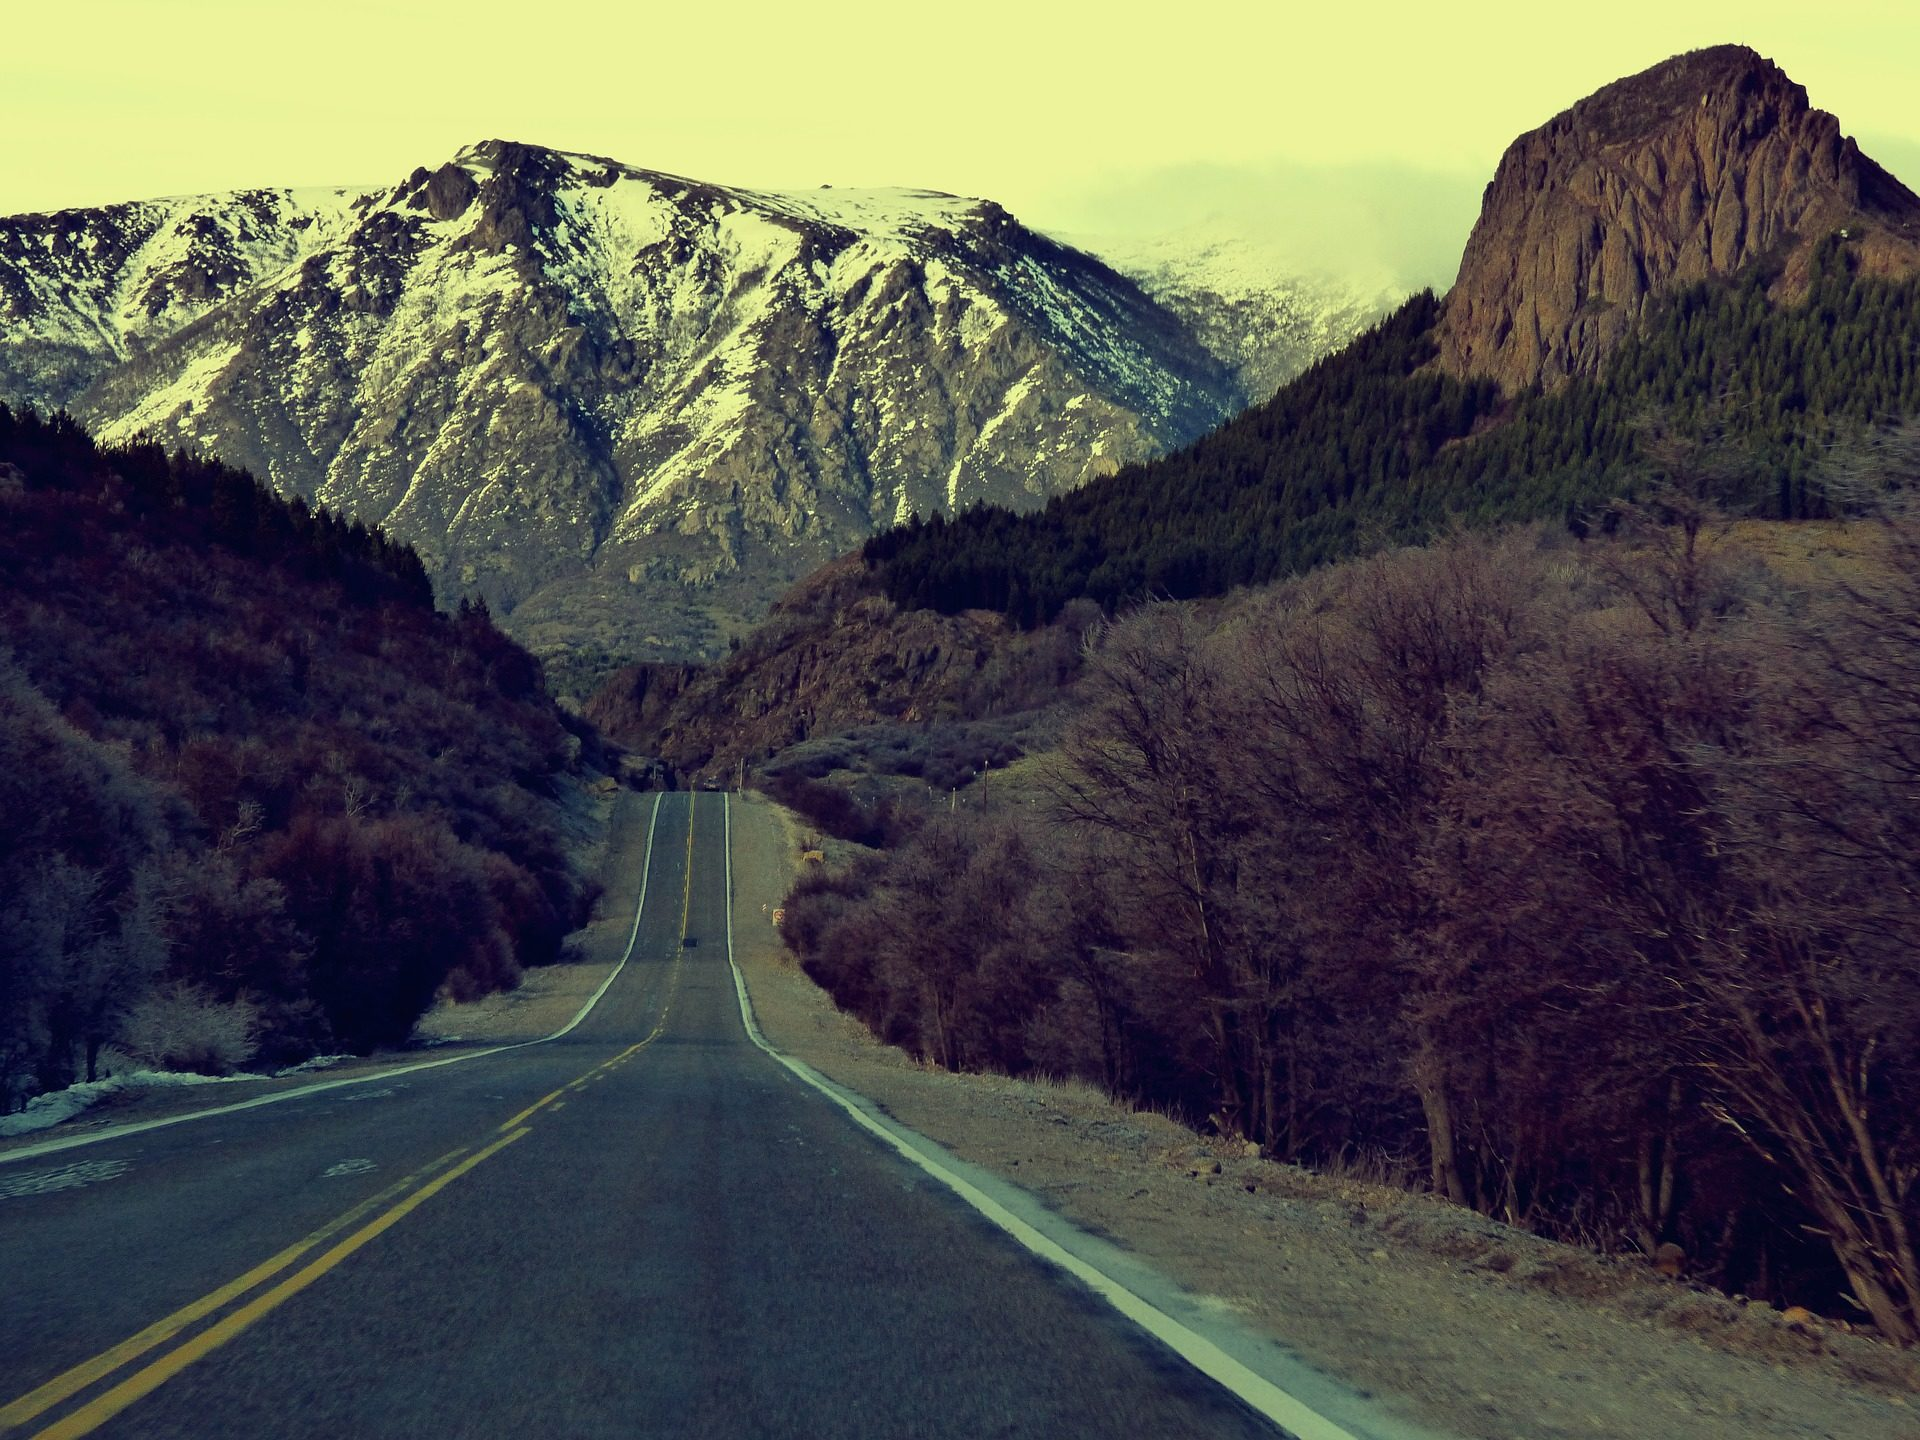 道路, サナダムシ, 山, 雪, フォレスト, 秋 - HD の壁紙 - 教授-falken.com